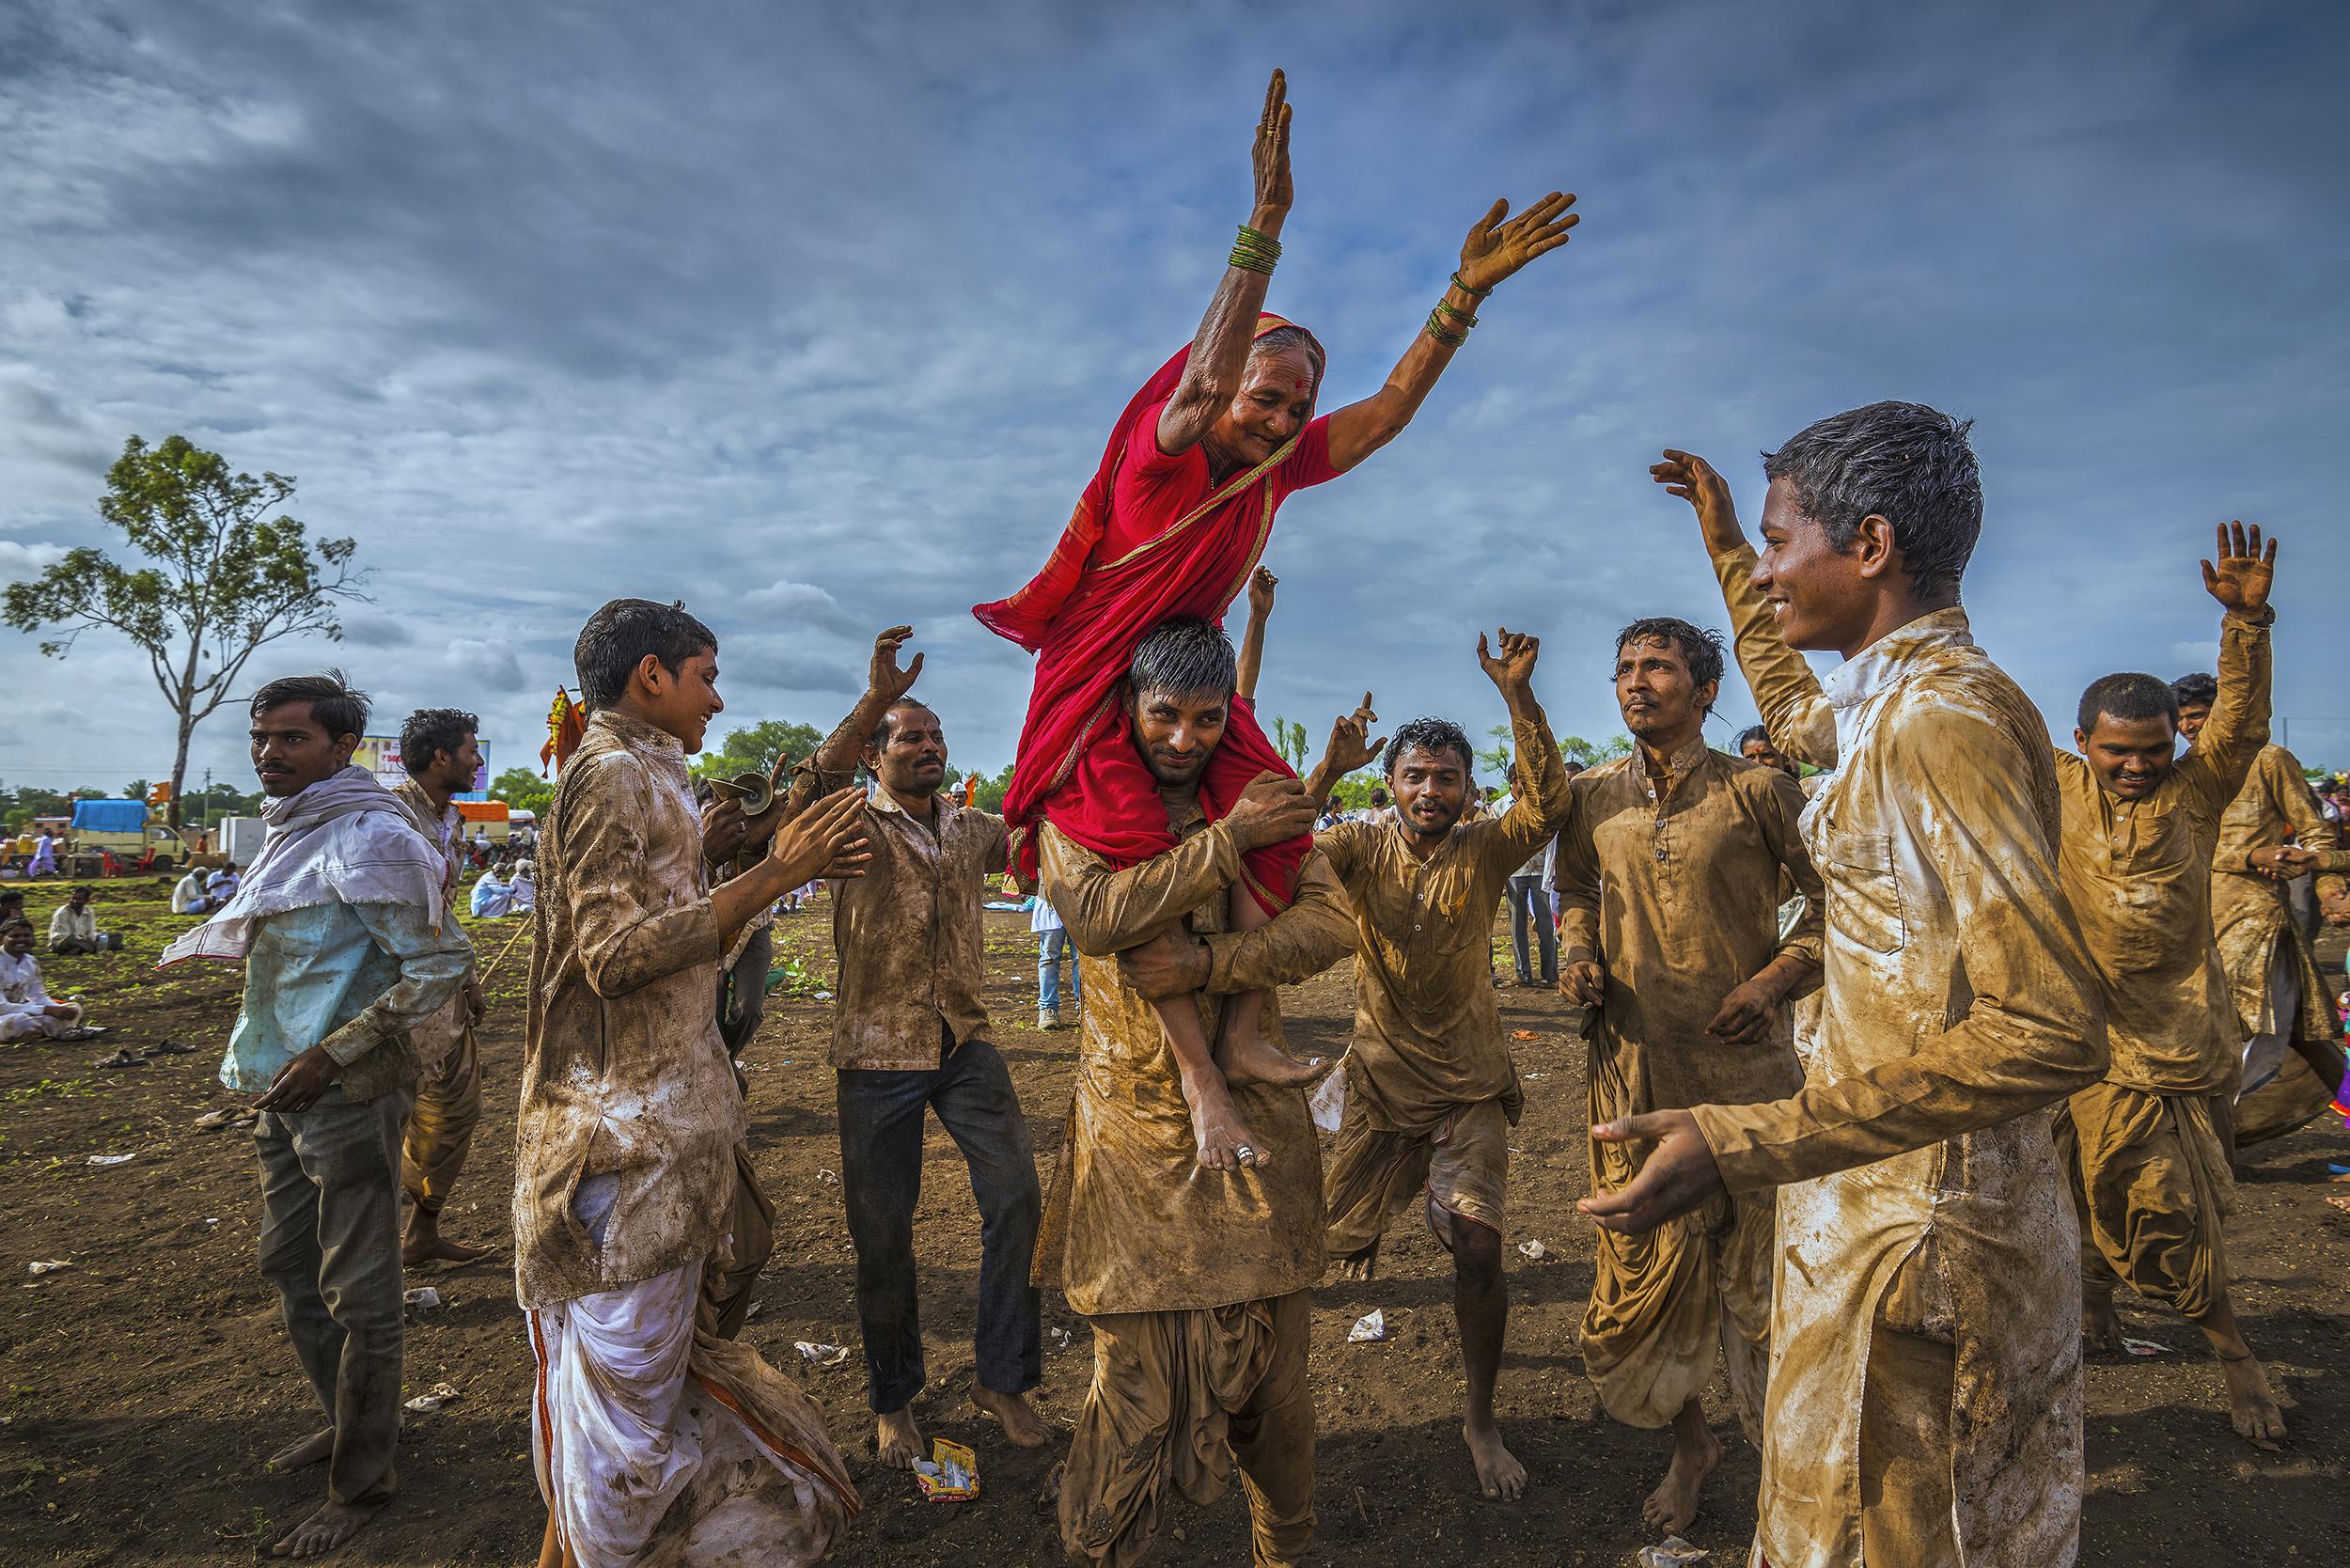 People enjoying festival in Maharashtra